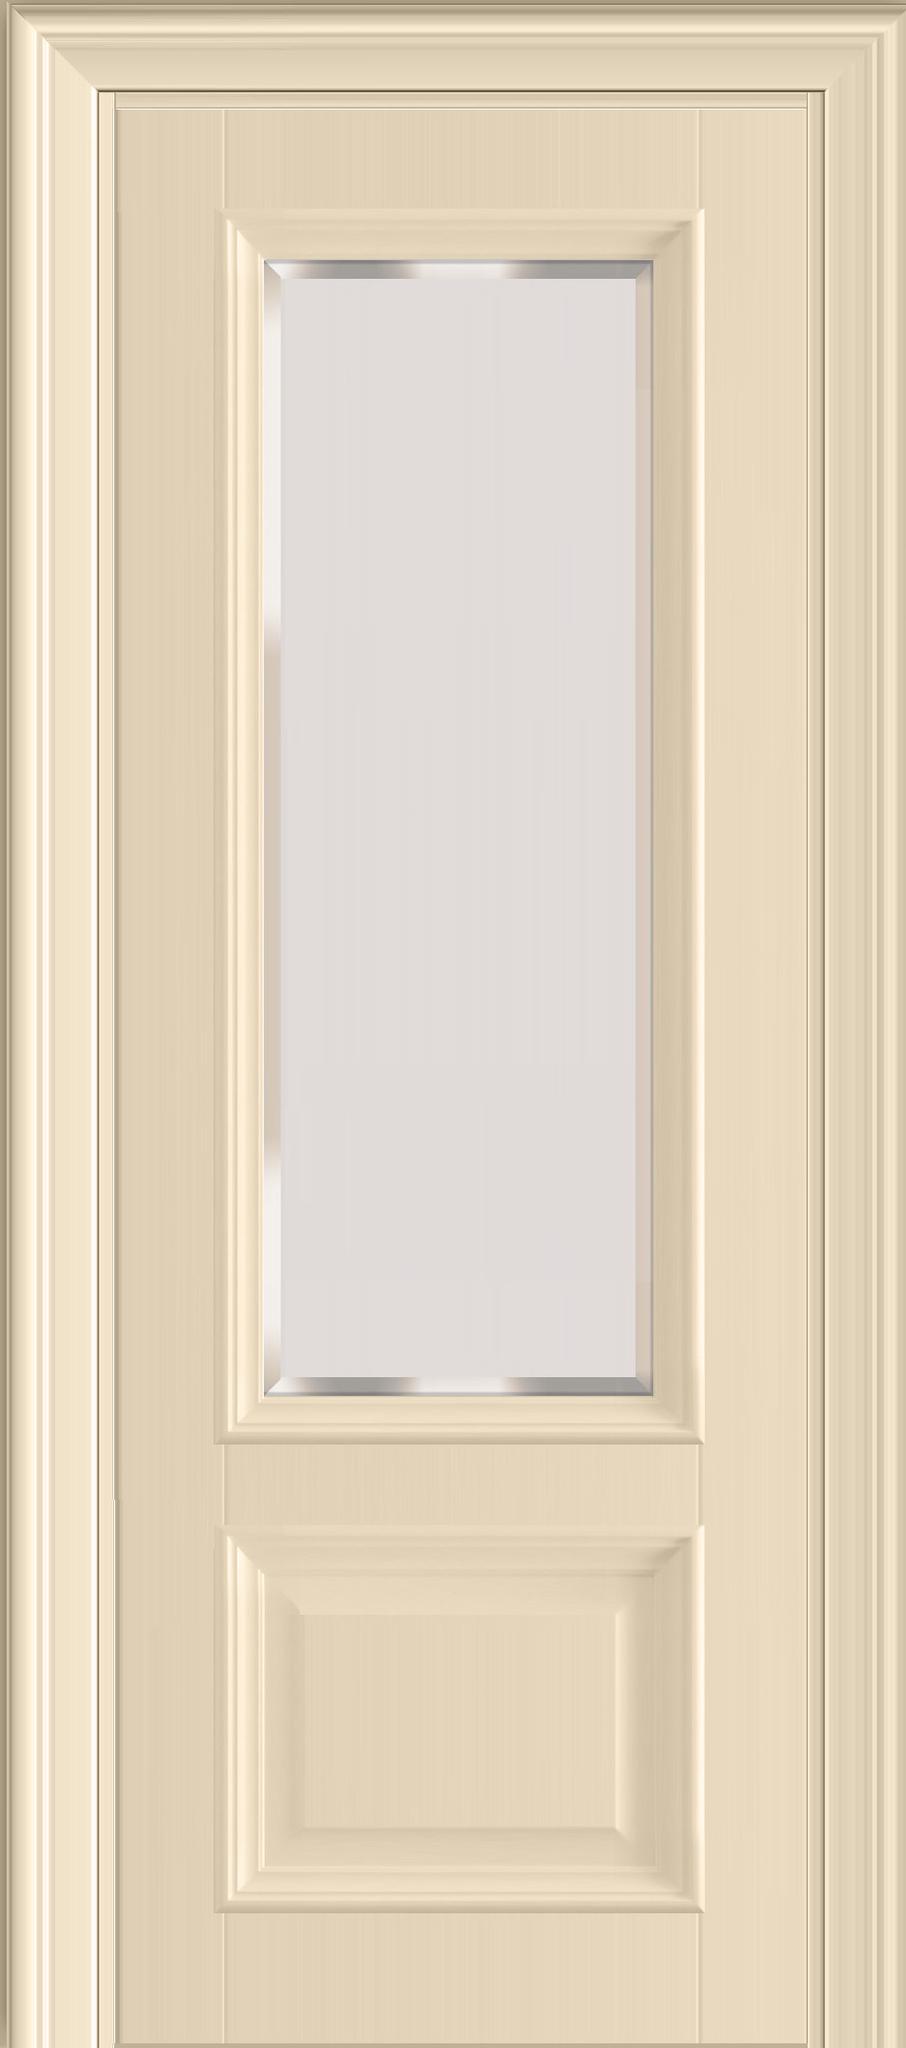 Межкомнатная дверь Nica 12.21 под стекло